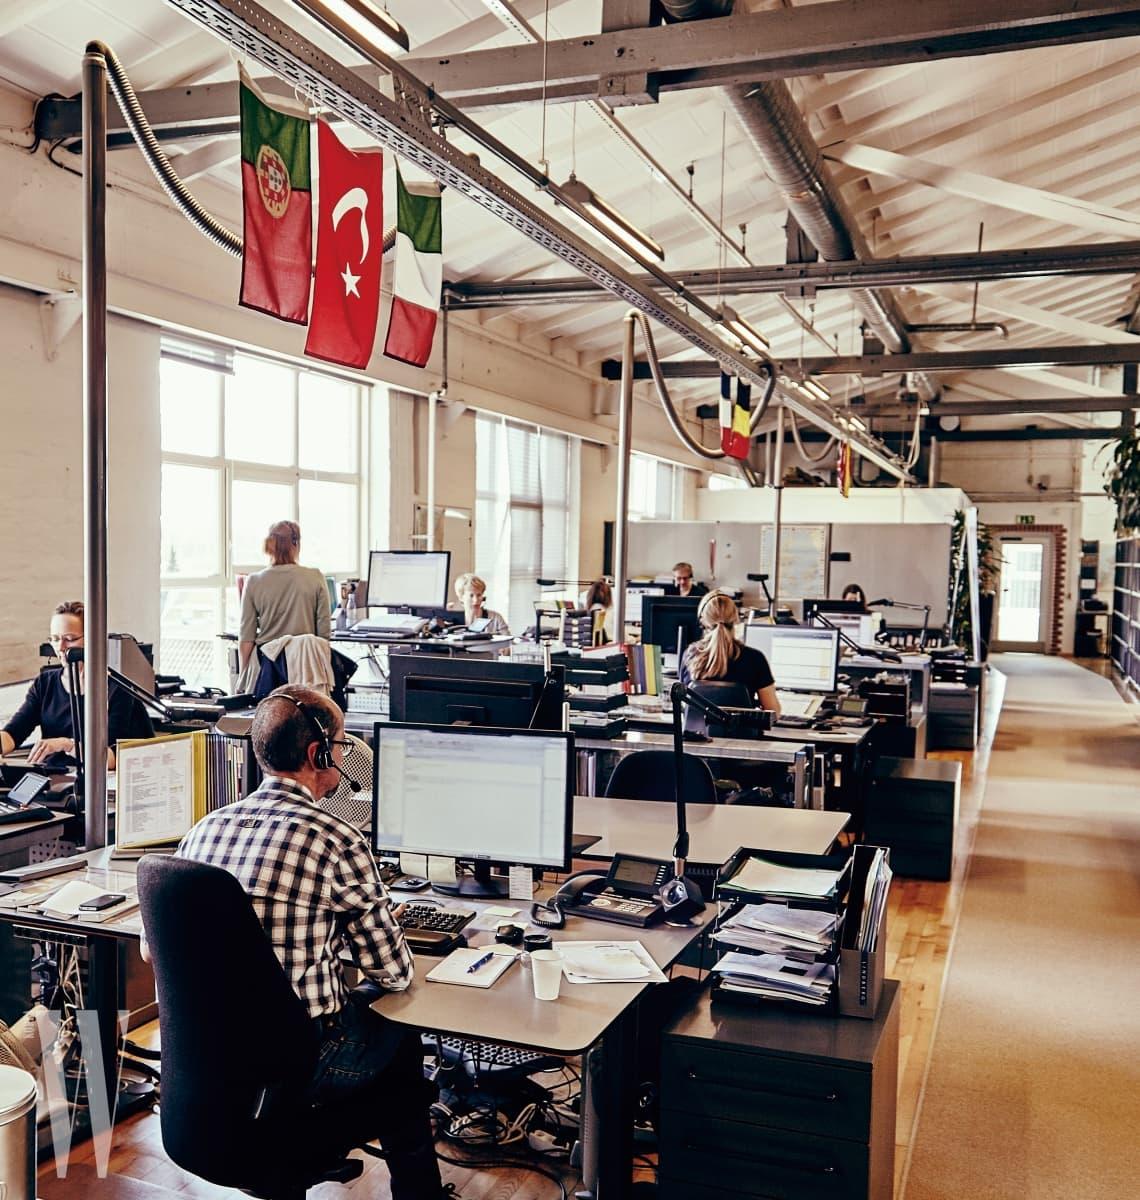 8 모든 안경테는 장인이 직접 디자인하고 수공 제작되며 전 세계 138개국에 공급된다. 천장에 걸린 국기는 해당 지역을 담당하고 있음을 뜻한다.